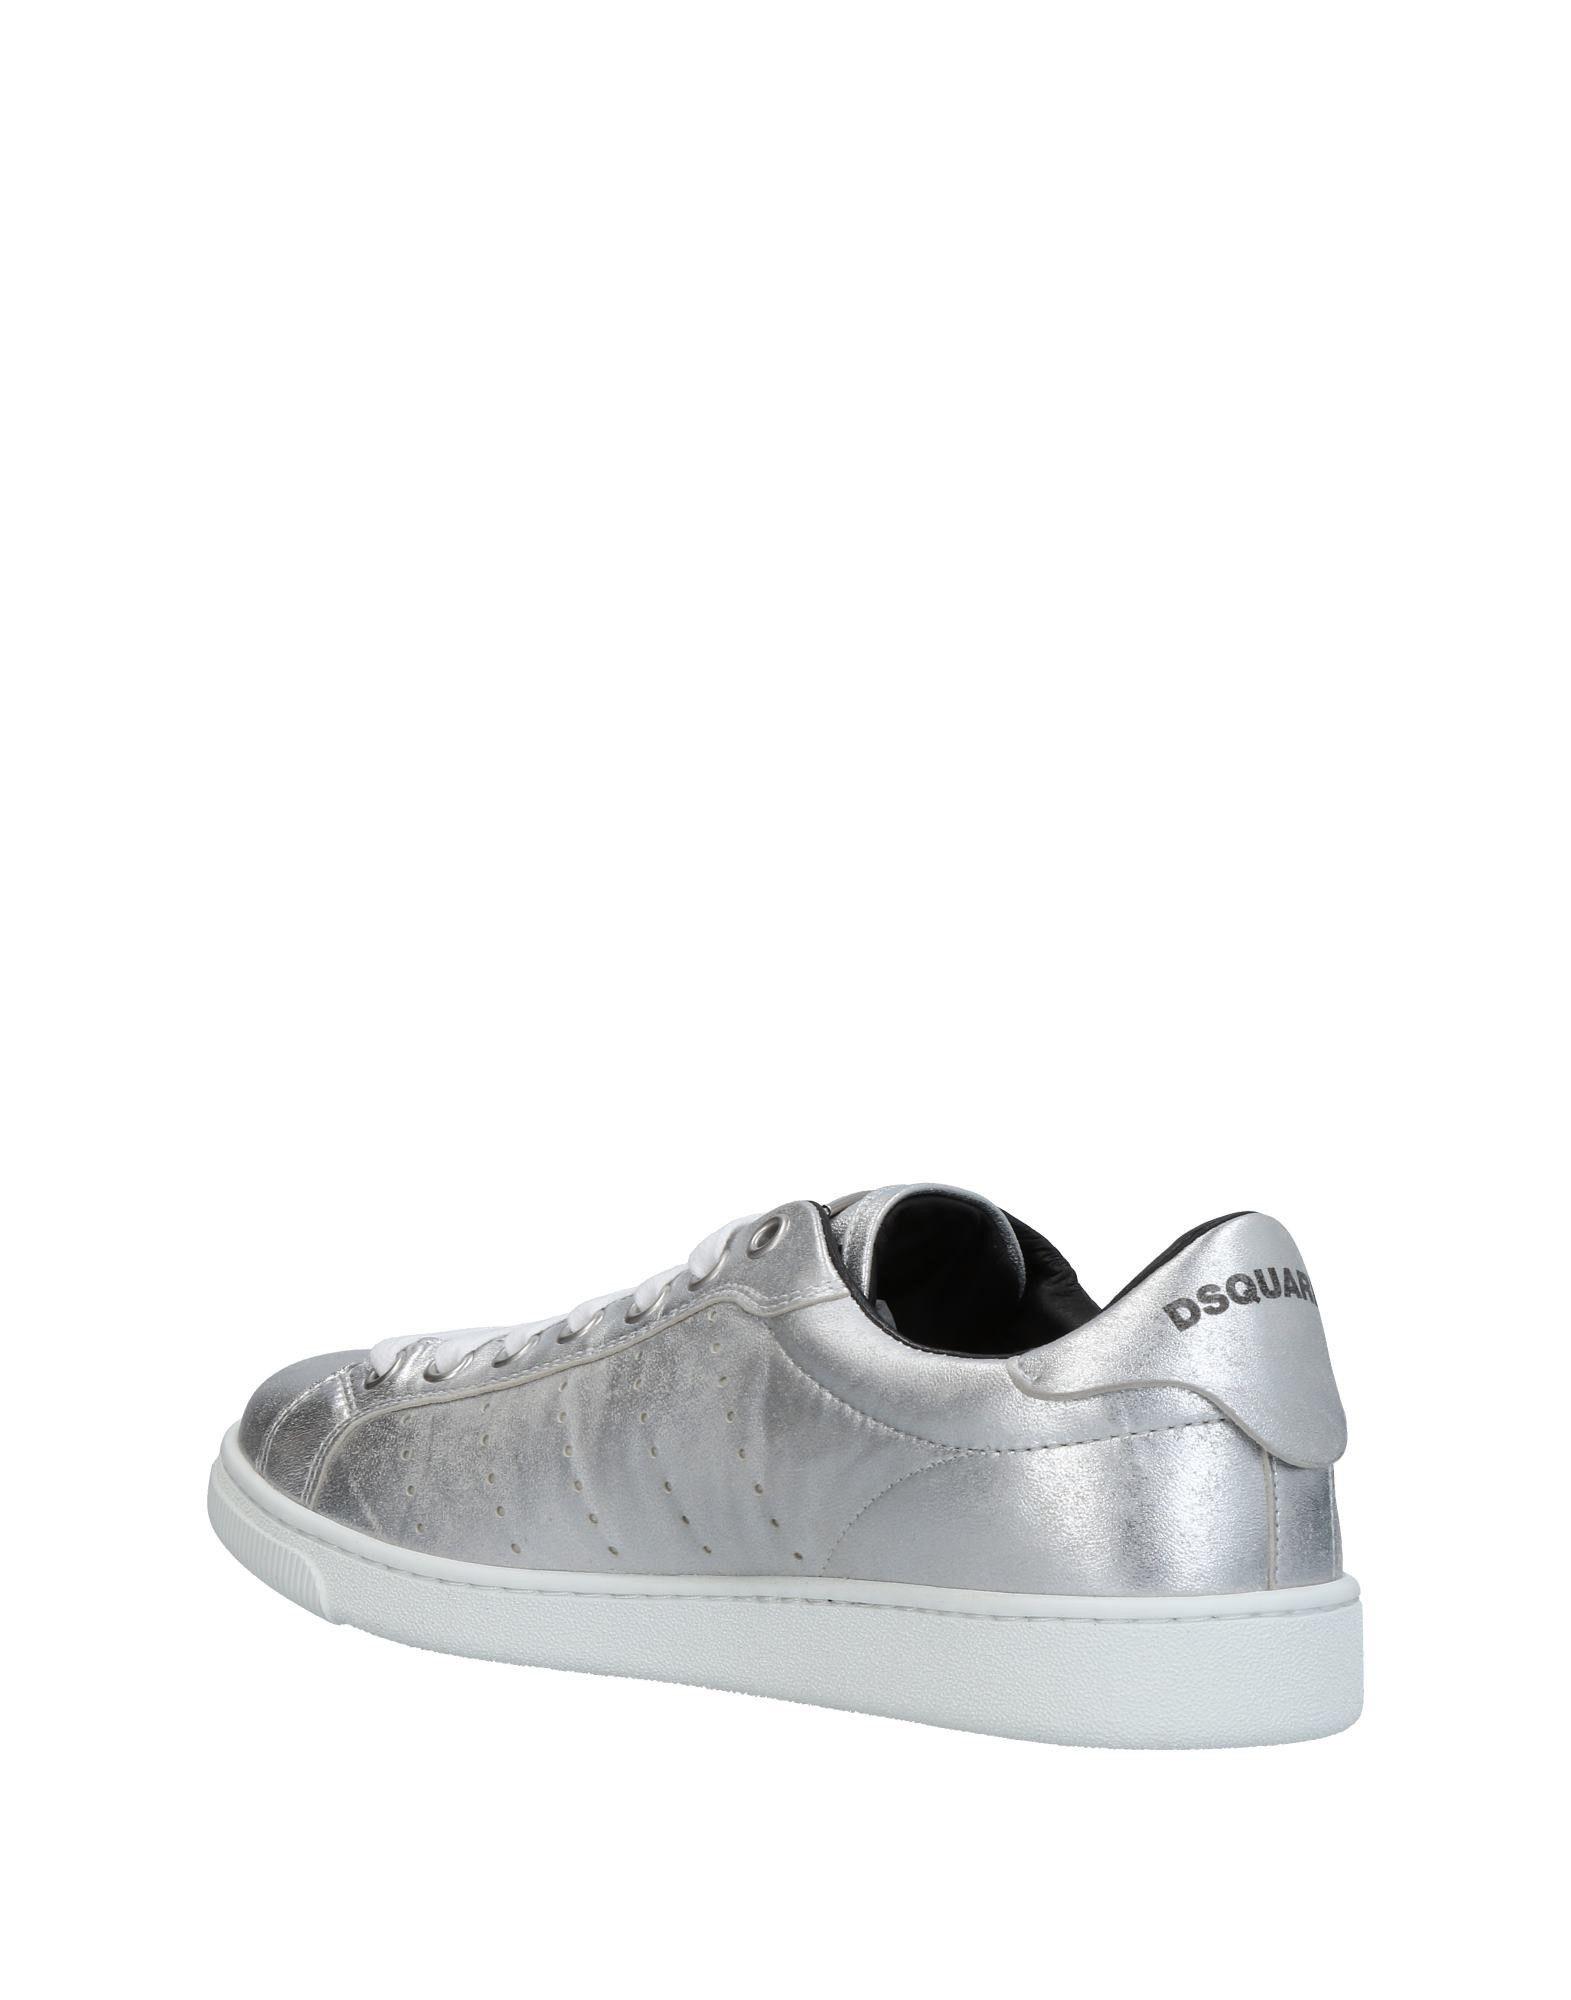 Dsquared2 Sneakers Herren  11462176PT Gute Qualität beliebte Schuhe